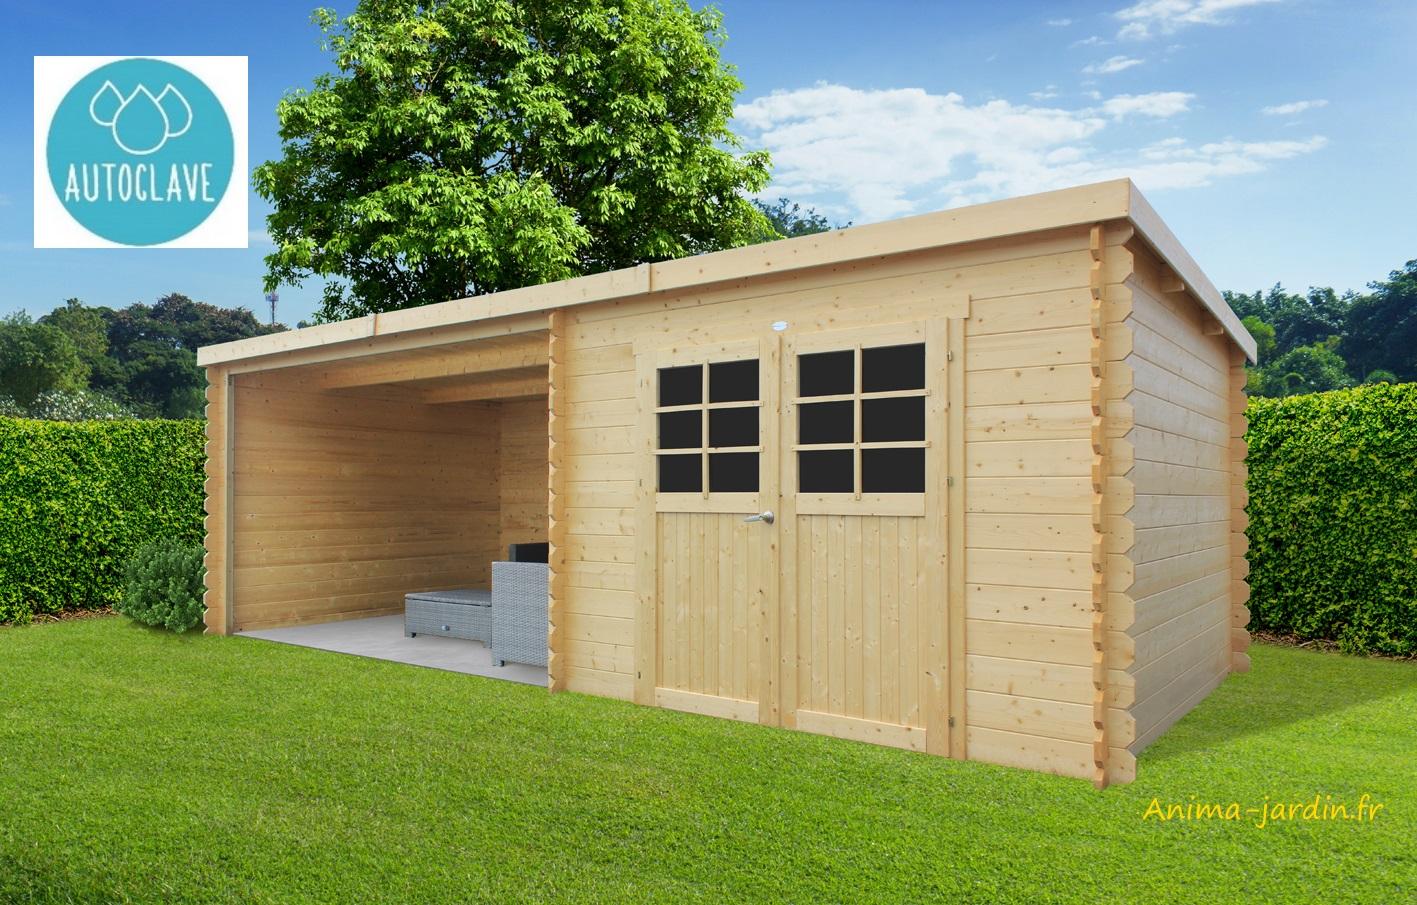 Abri de jardin en bois traité autoclave, ROHAN, toit plat ...